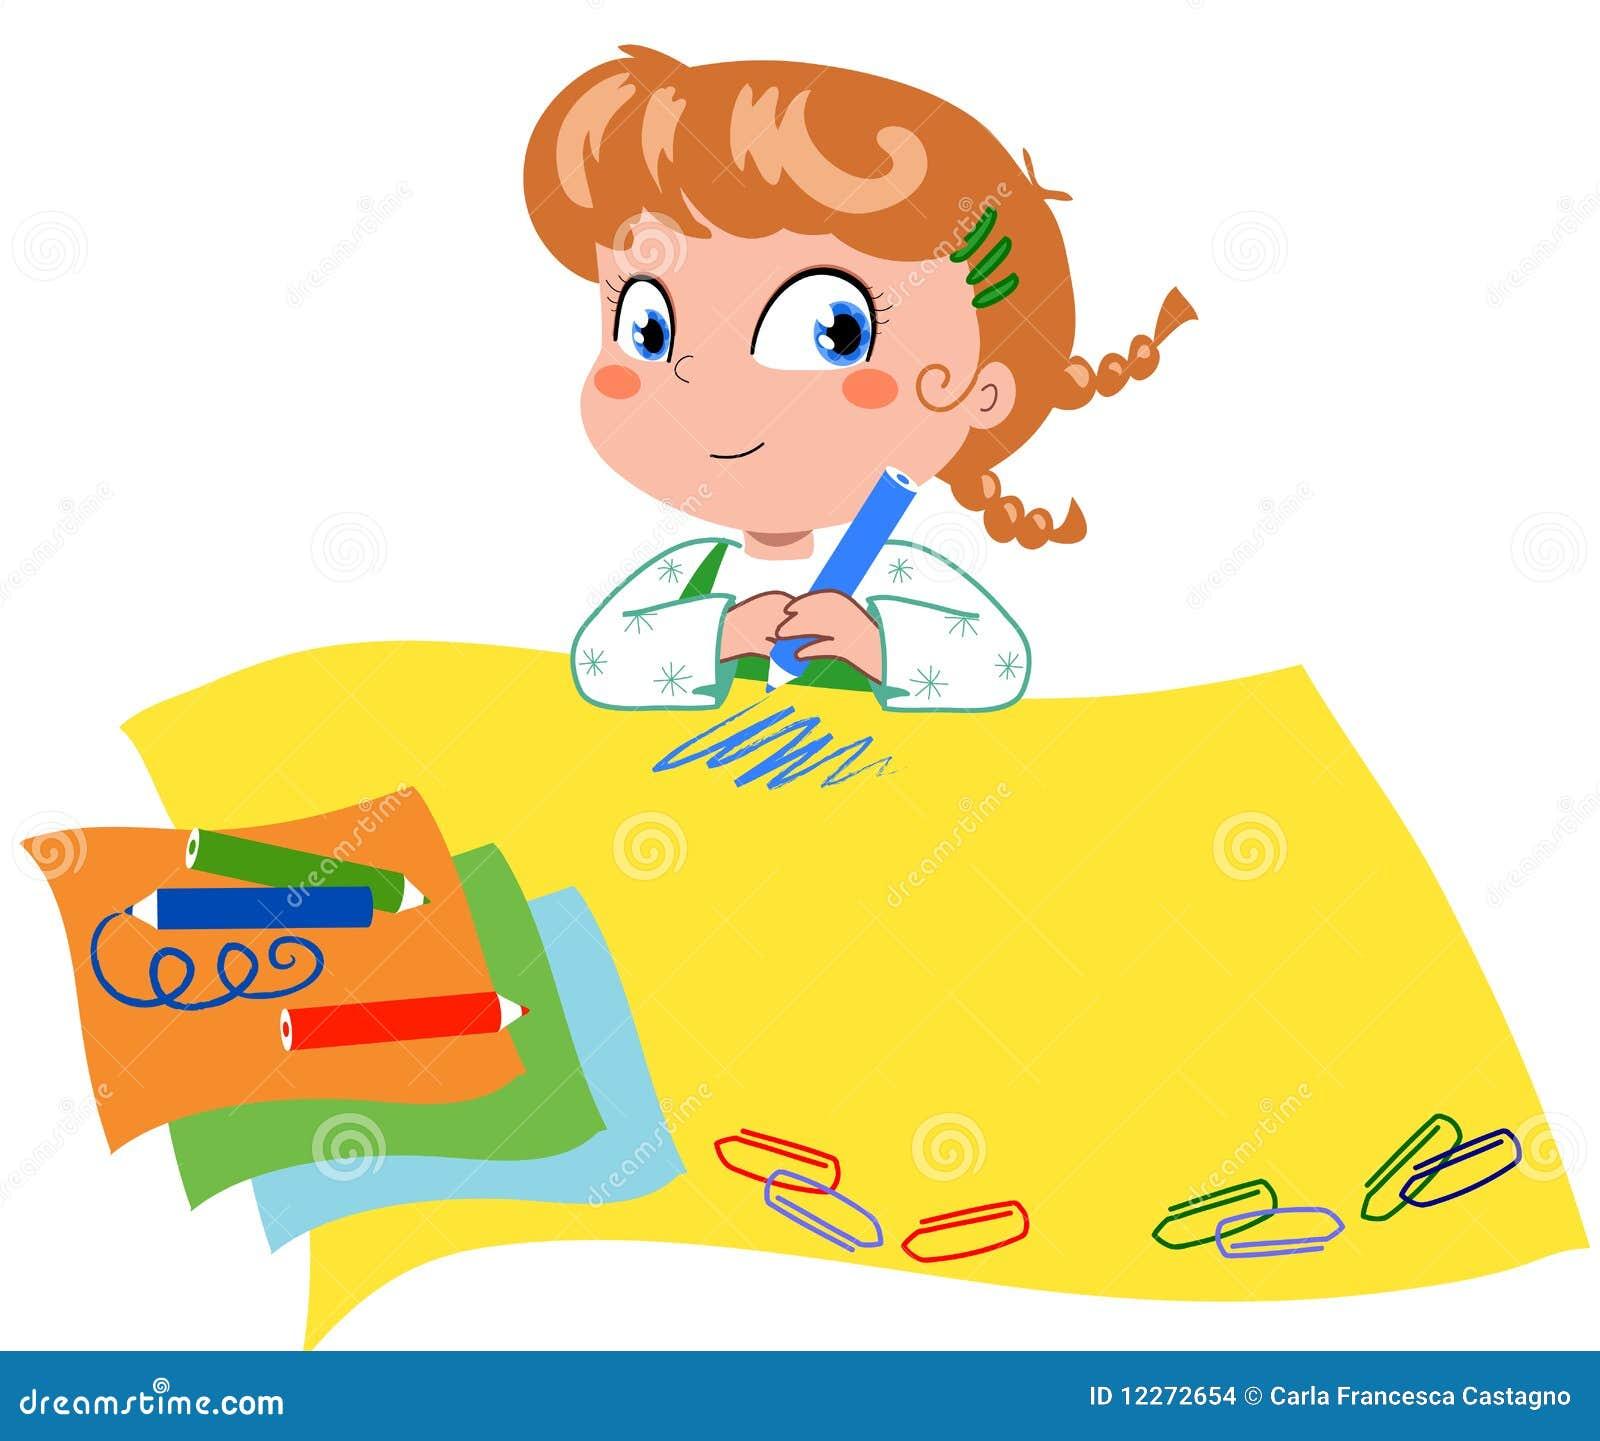 Desenho Da Menina Ilustracao Do Vetor Ilustracao De Jogo 12272654